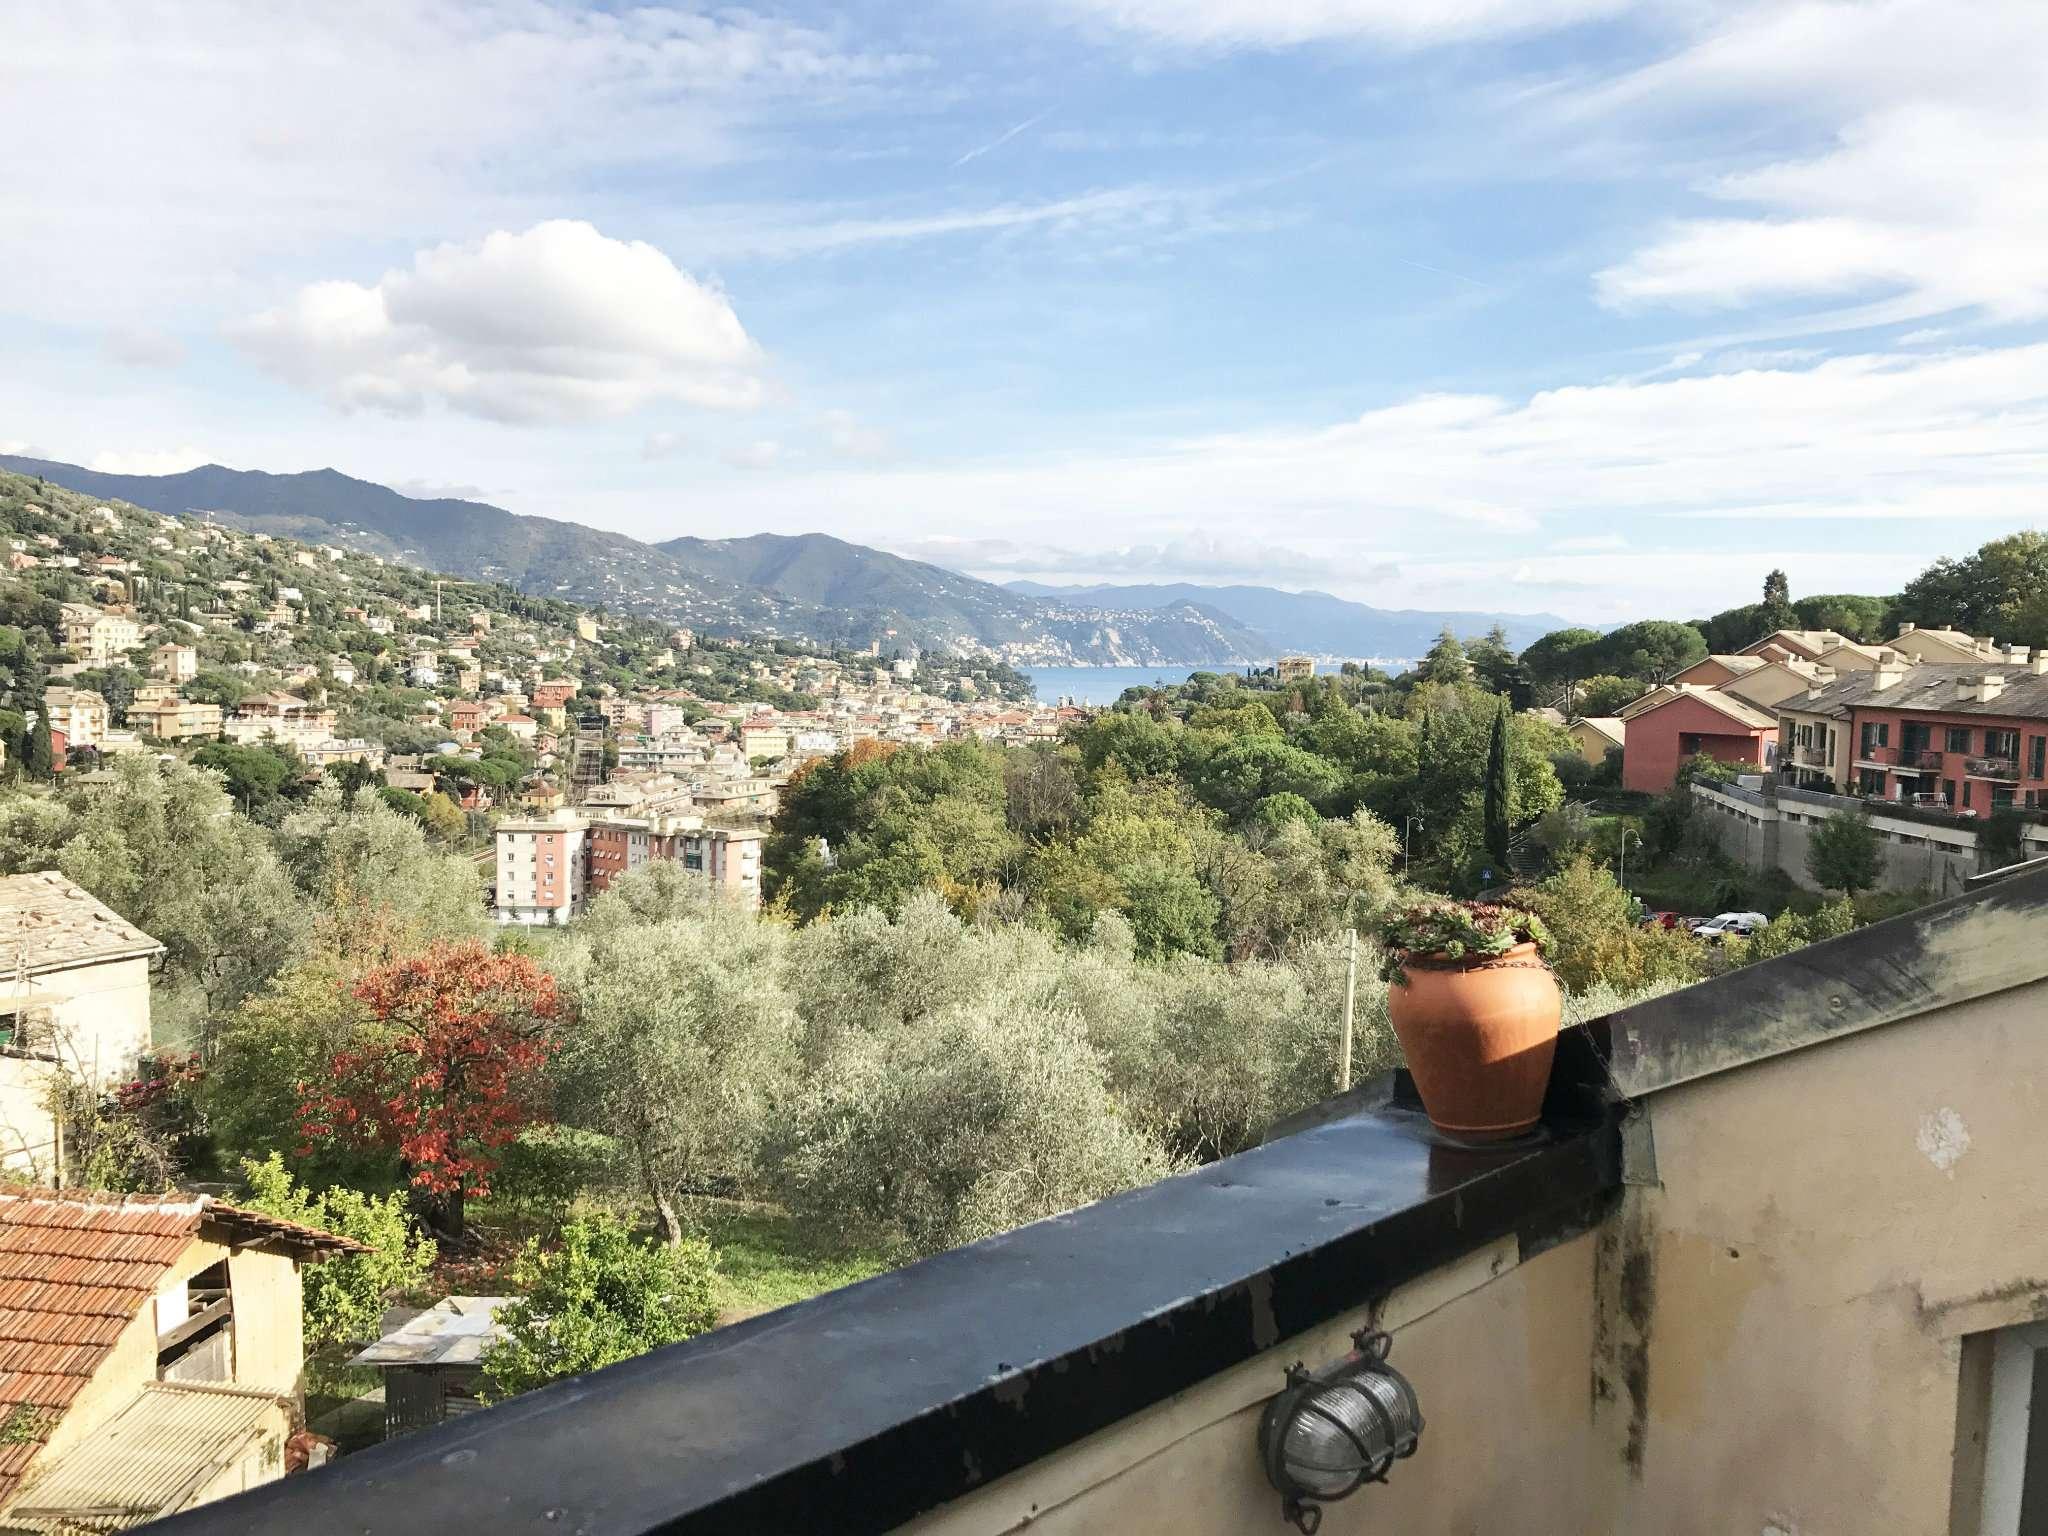 Appartamento in vendita a Santa Margherita Ligure, 4 locali, prezzo € 280.000 | CambioCasa.it